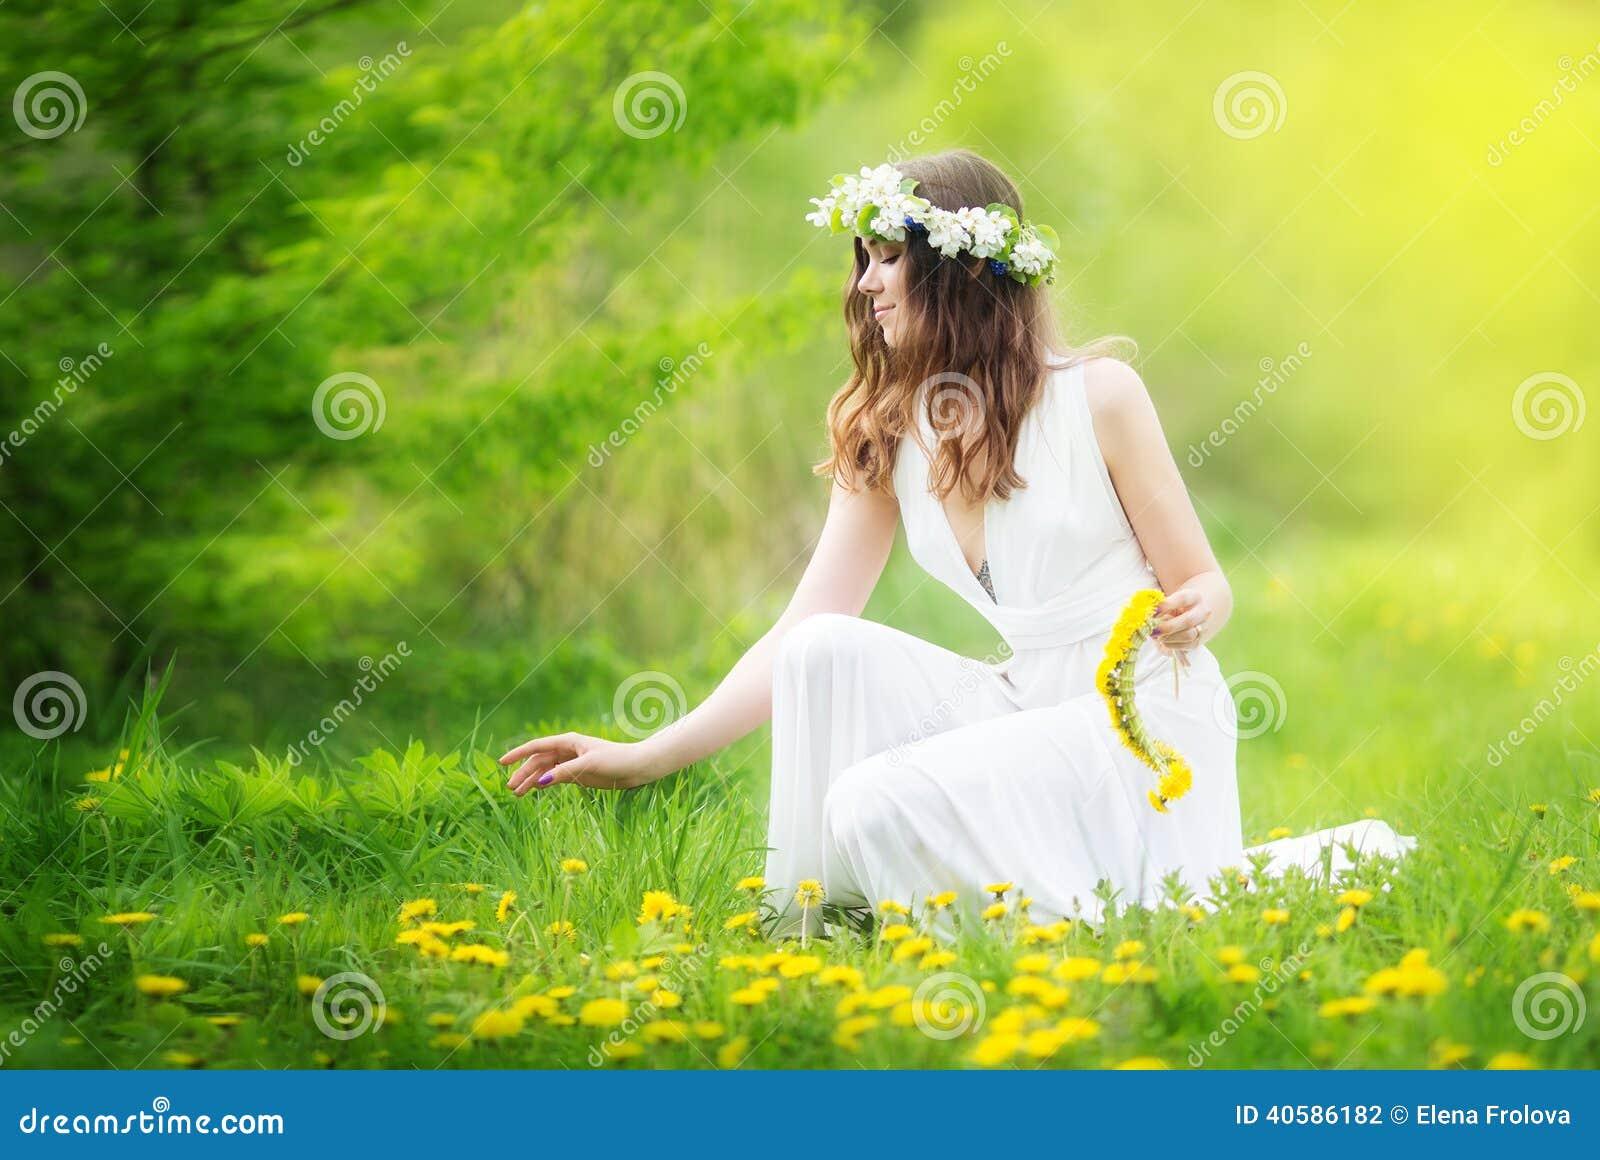 Bilden av den nätta kvinnan i en vit klänning väver girlanden från dande